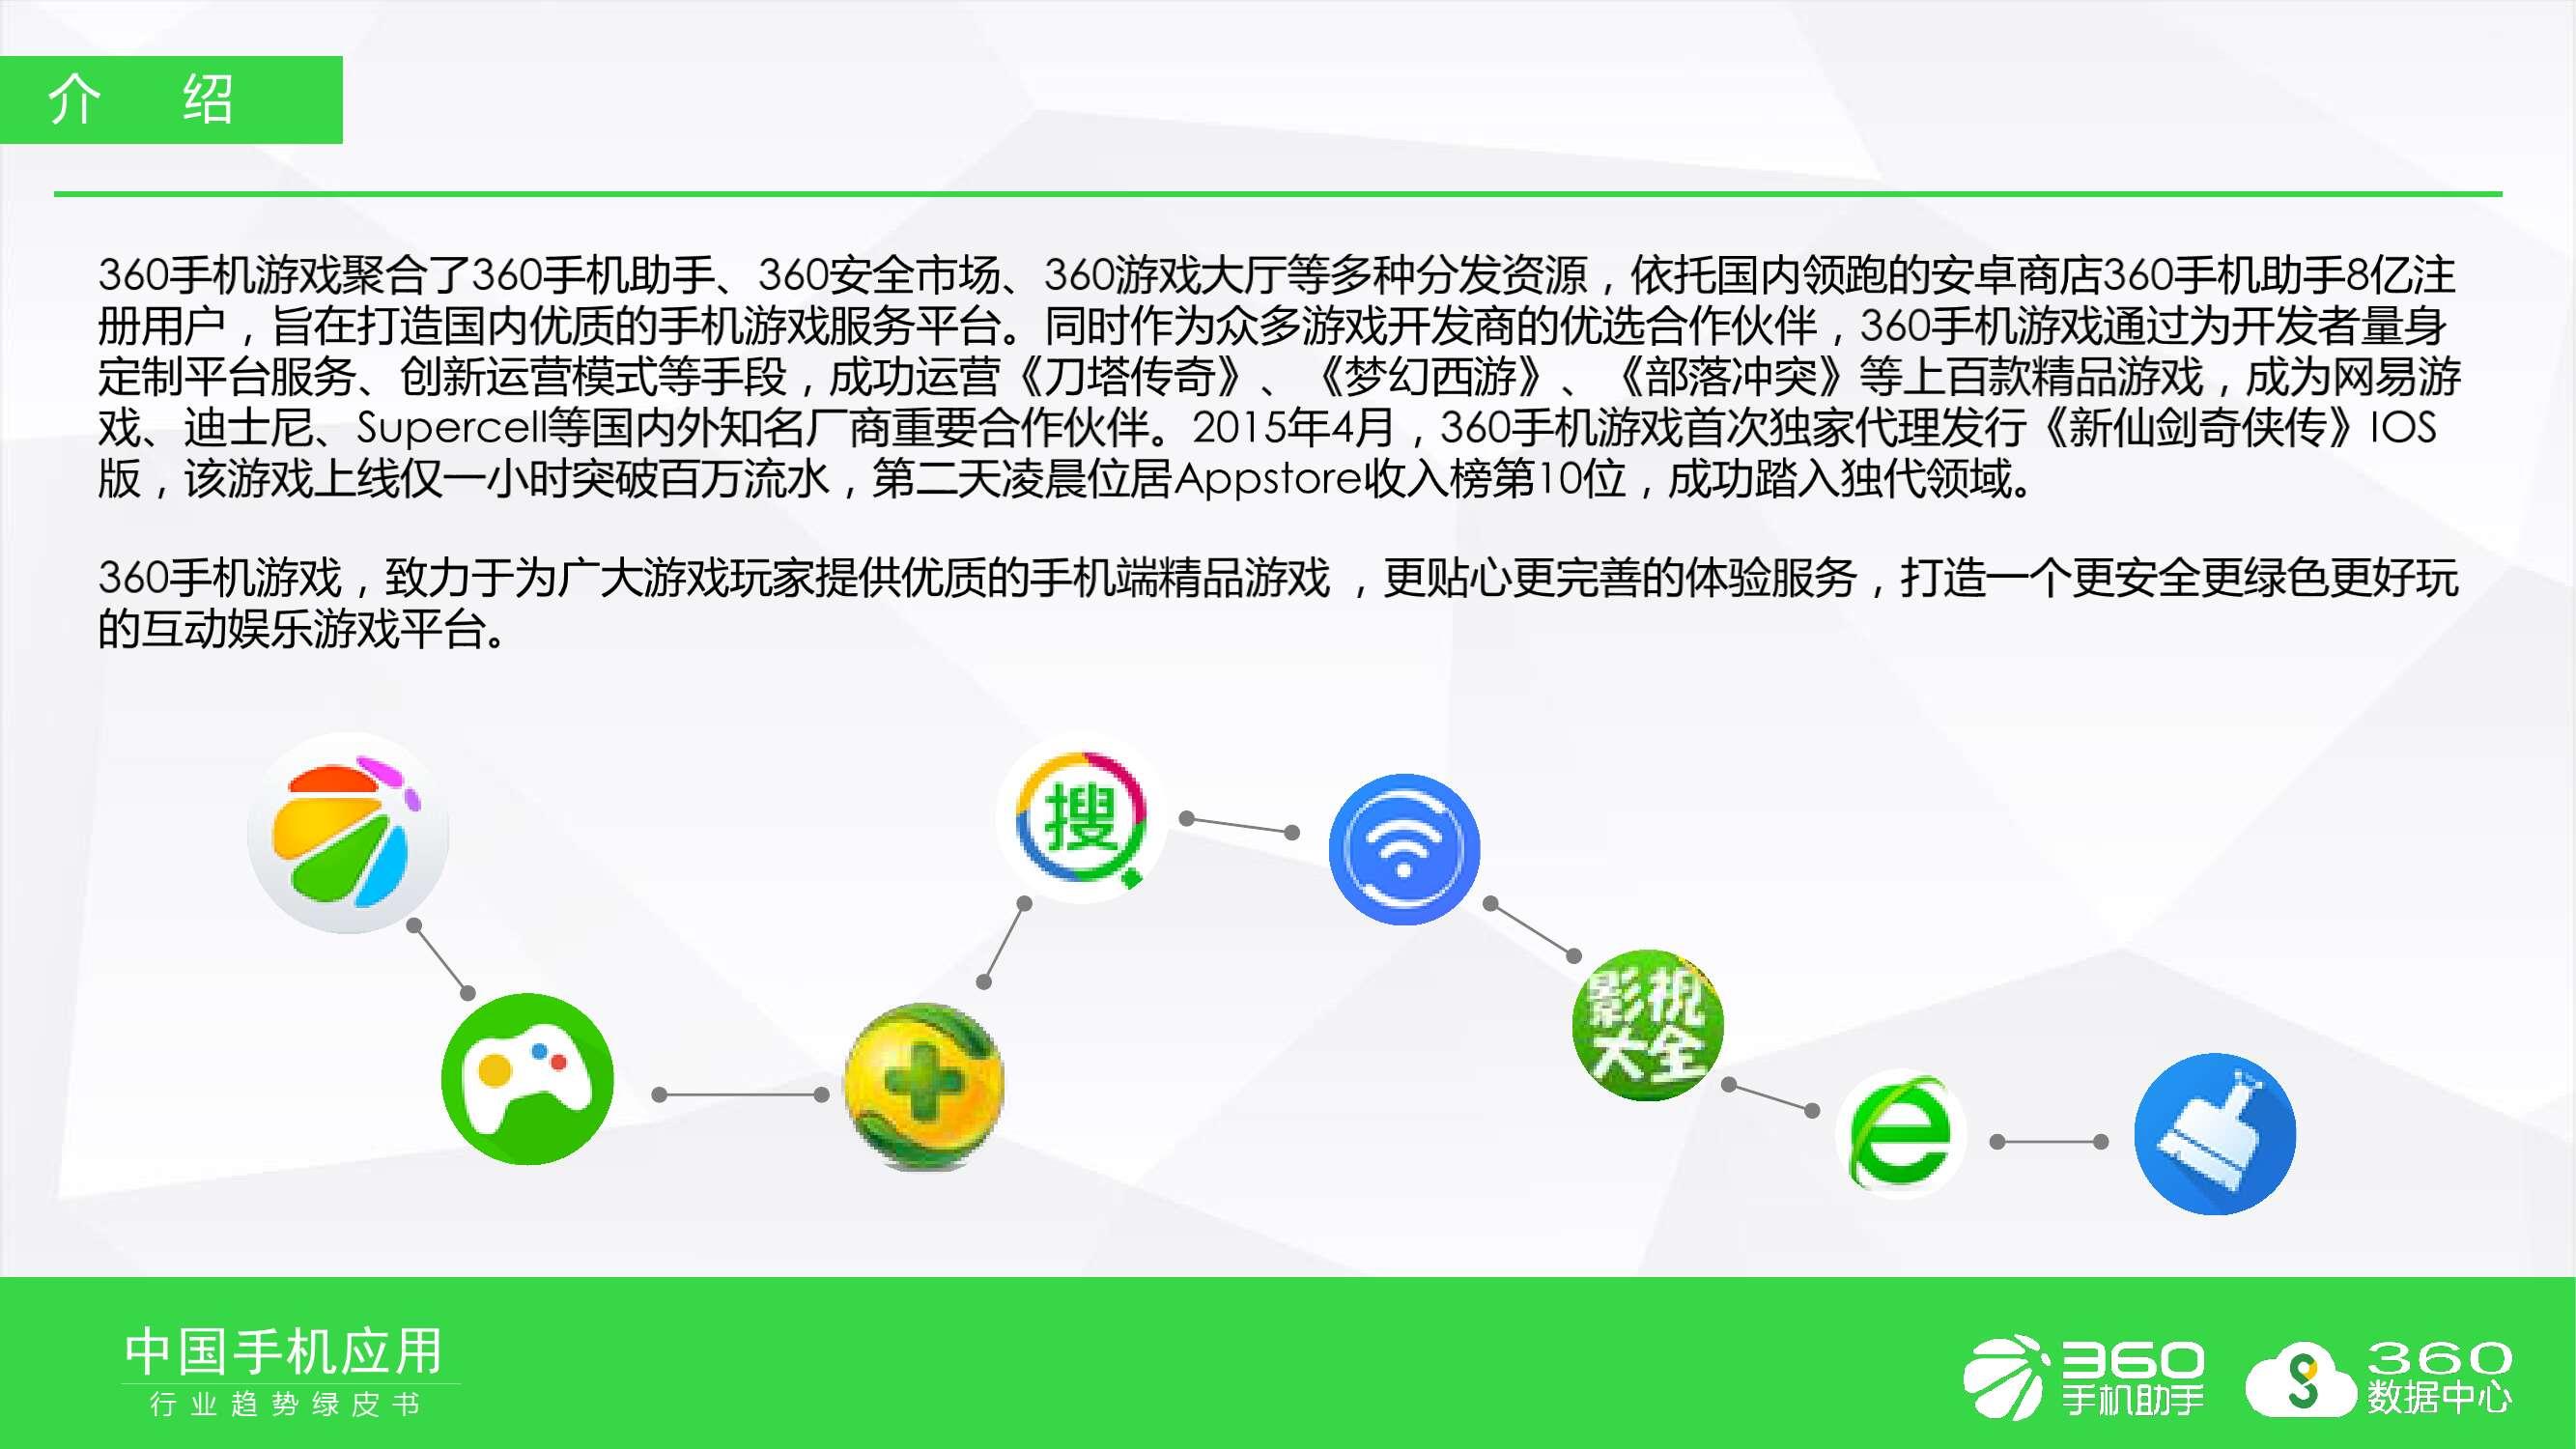 2016年手机软件行业趋势绿皮书_000061